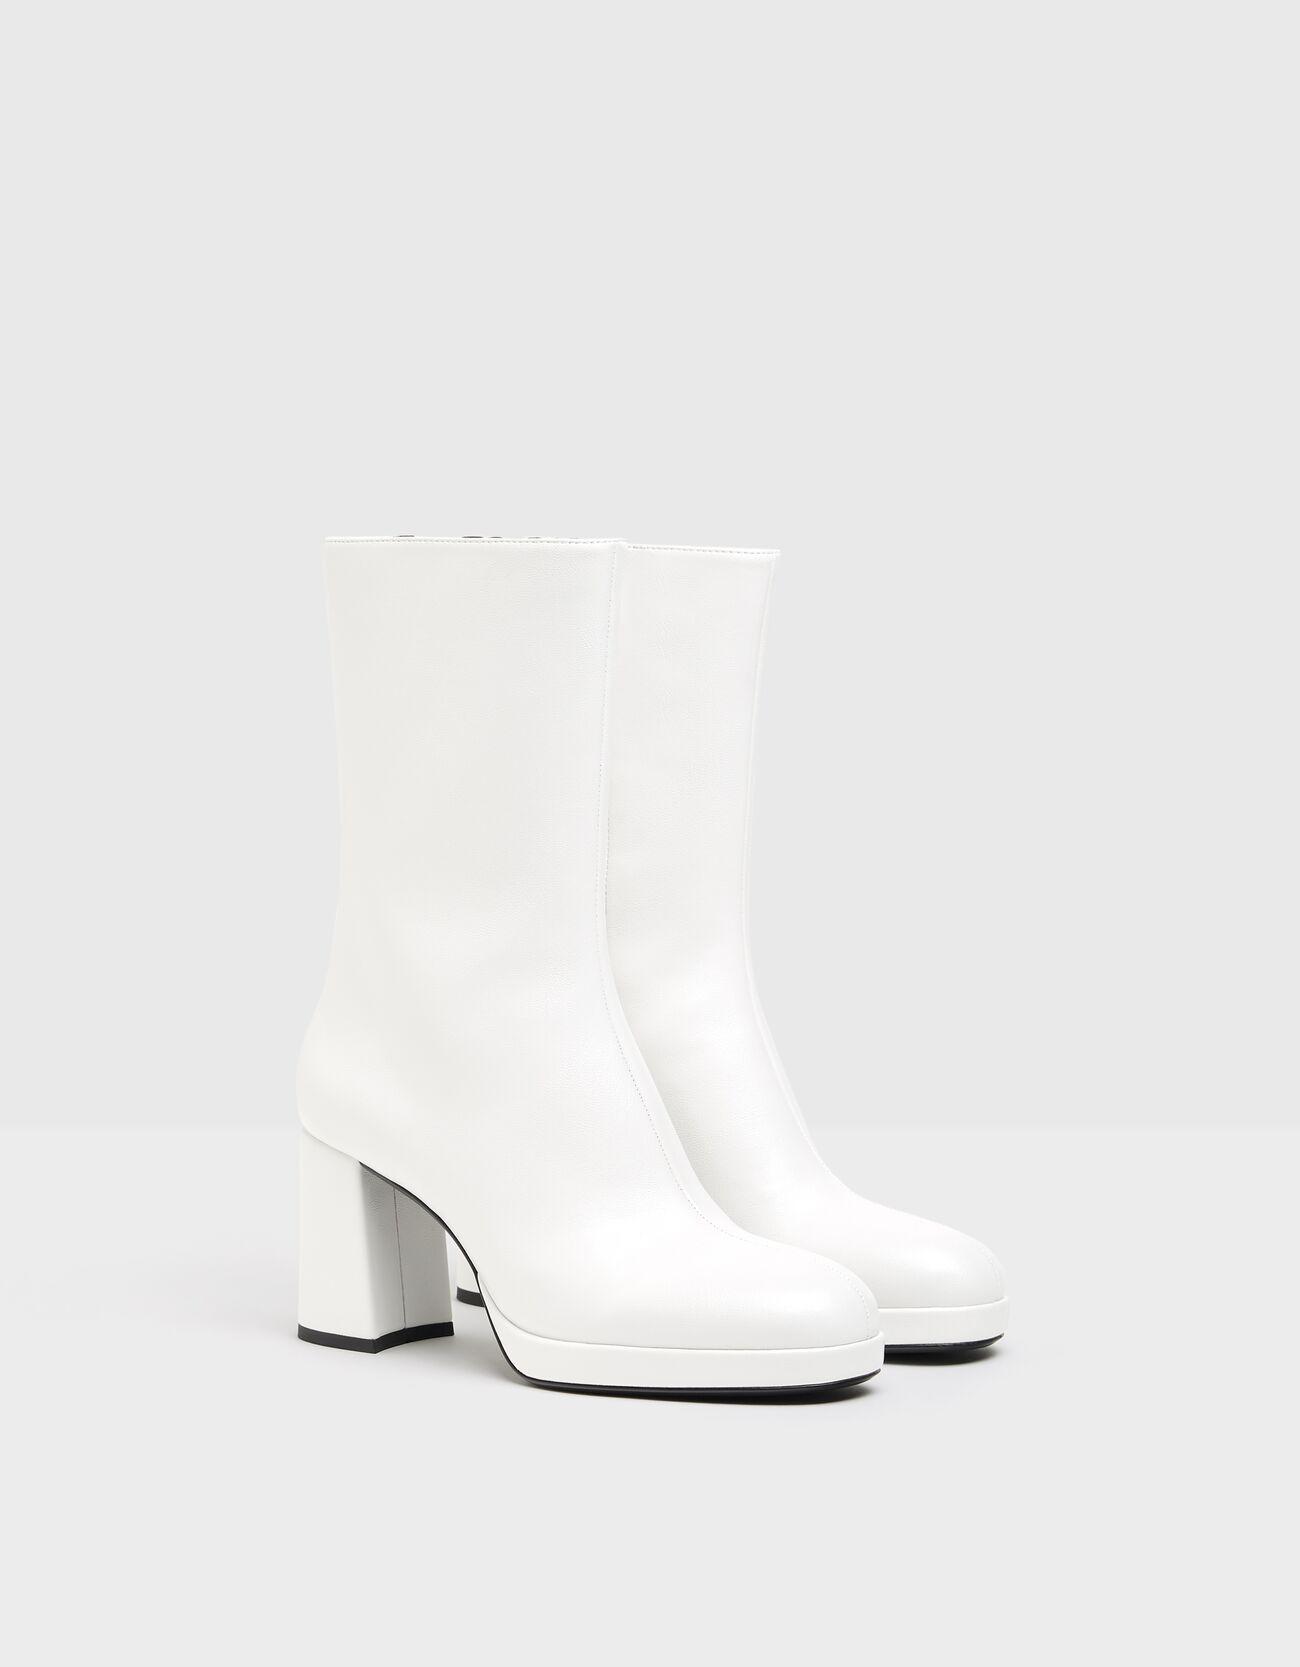 Botines tacón plataforma en color blanco. Cierre mediante cremallera. Caña alta. Elástico oculto para facilitar el calce.